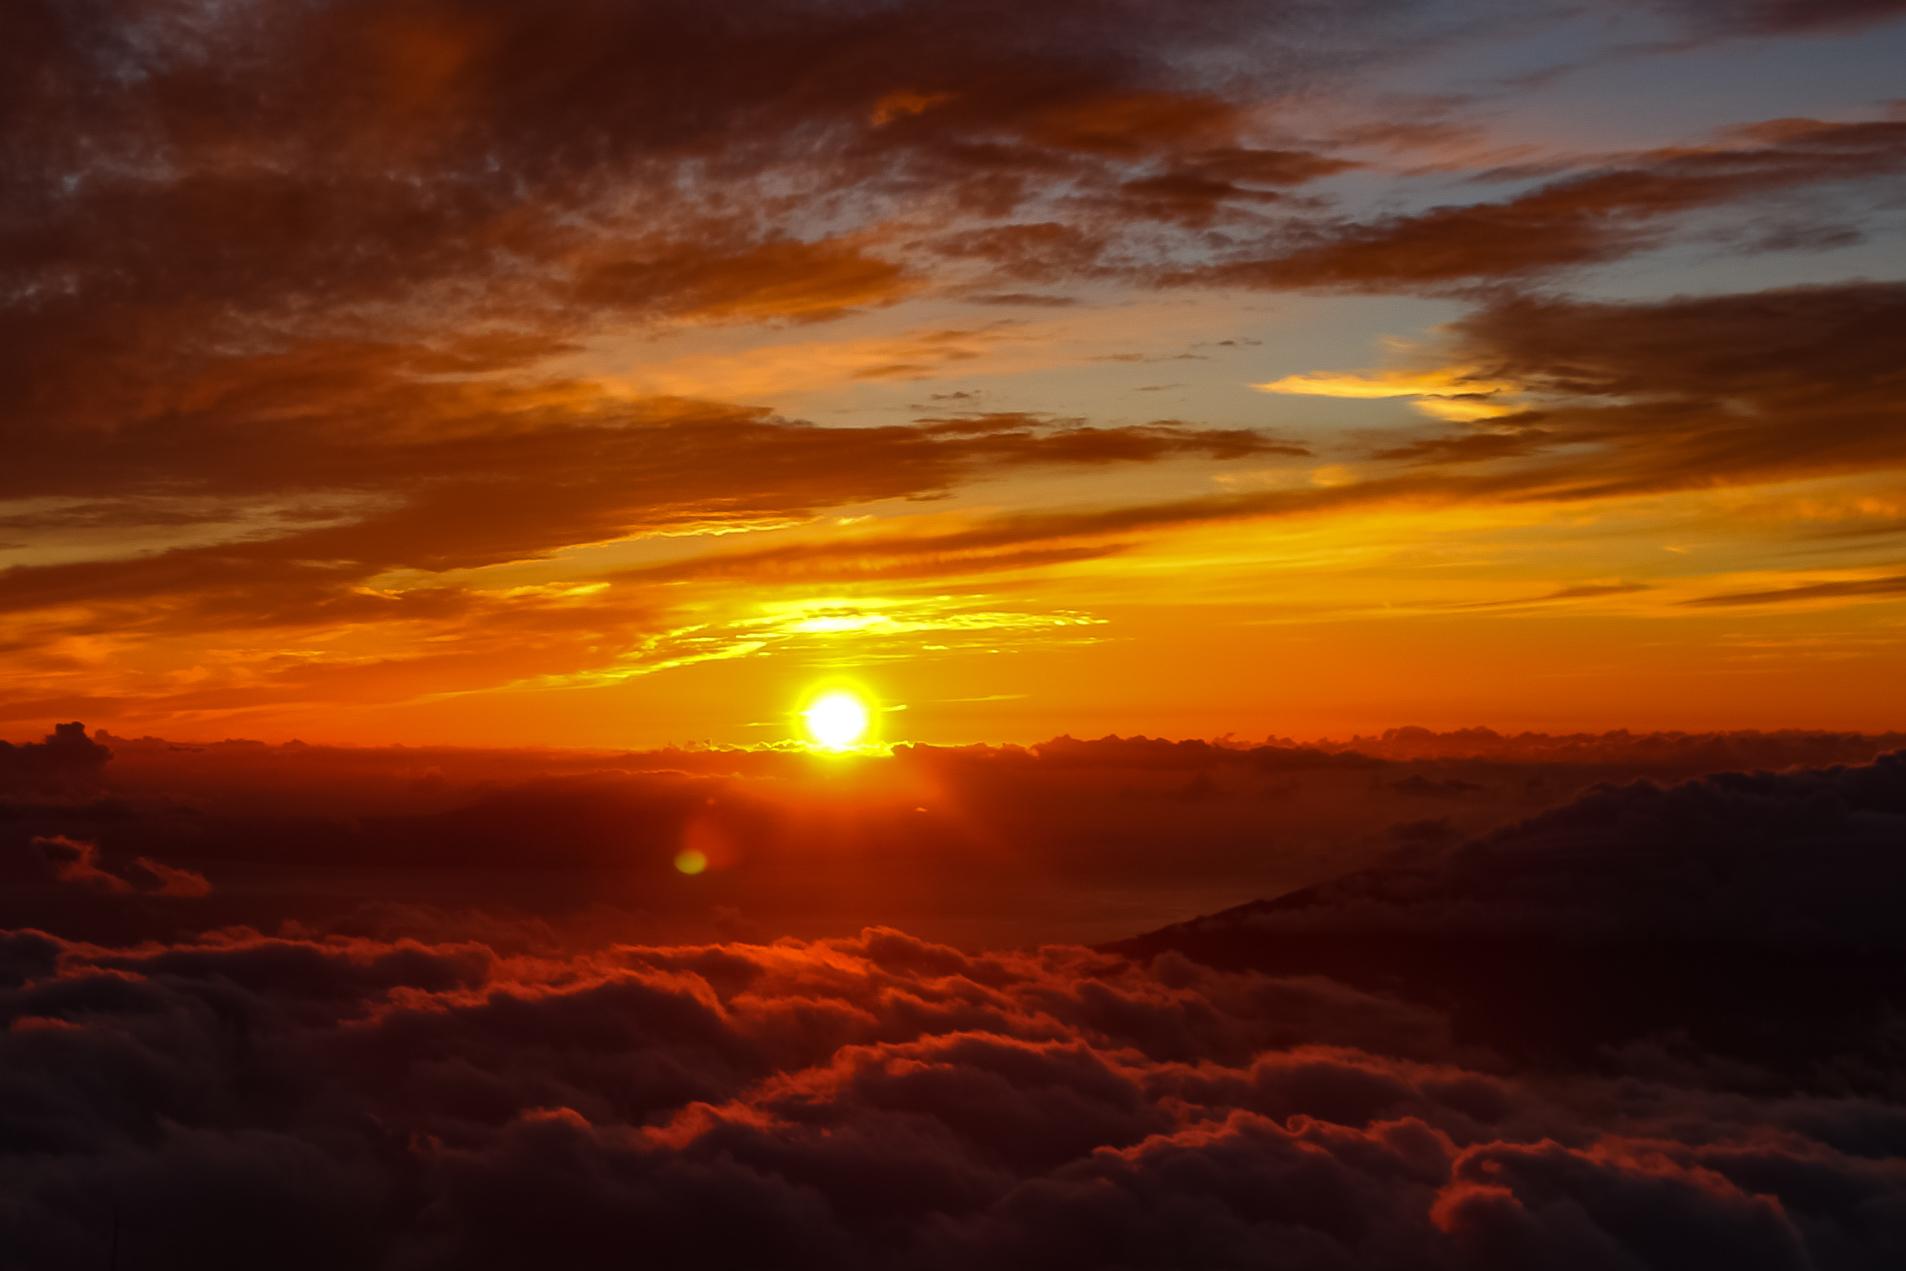 Vulcão Haleakala Maui Havaí